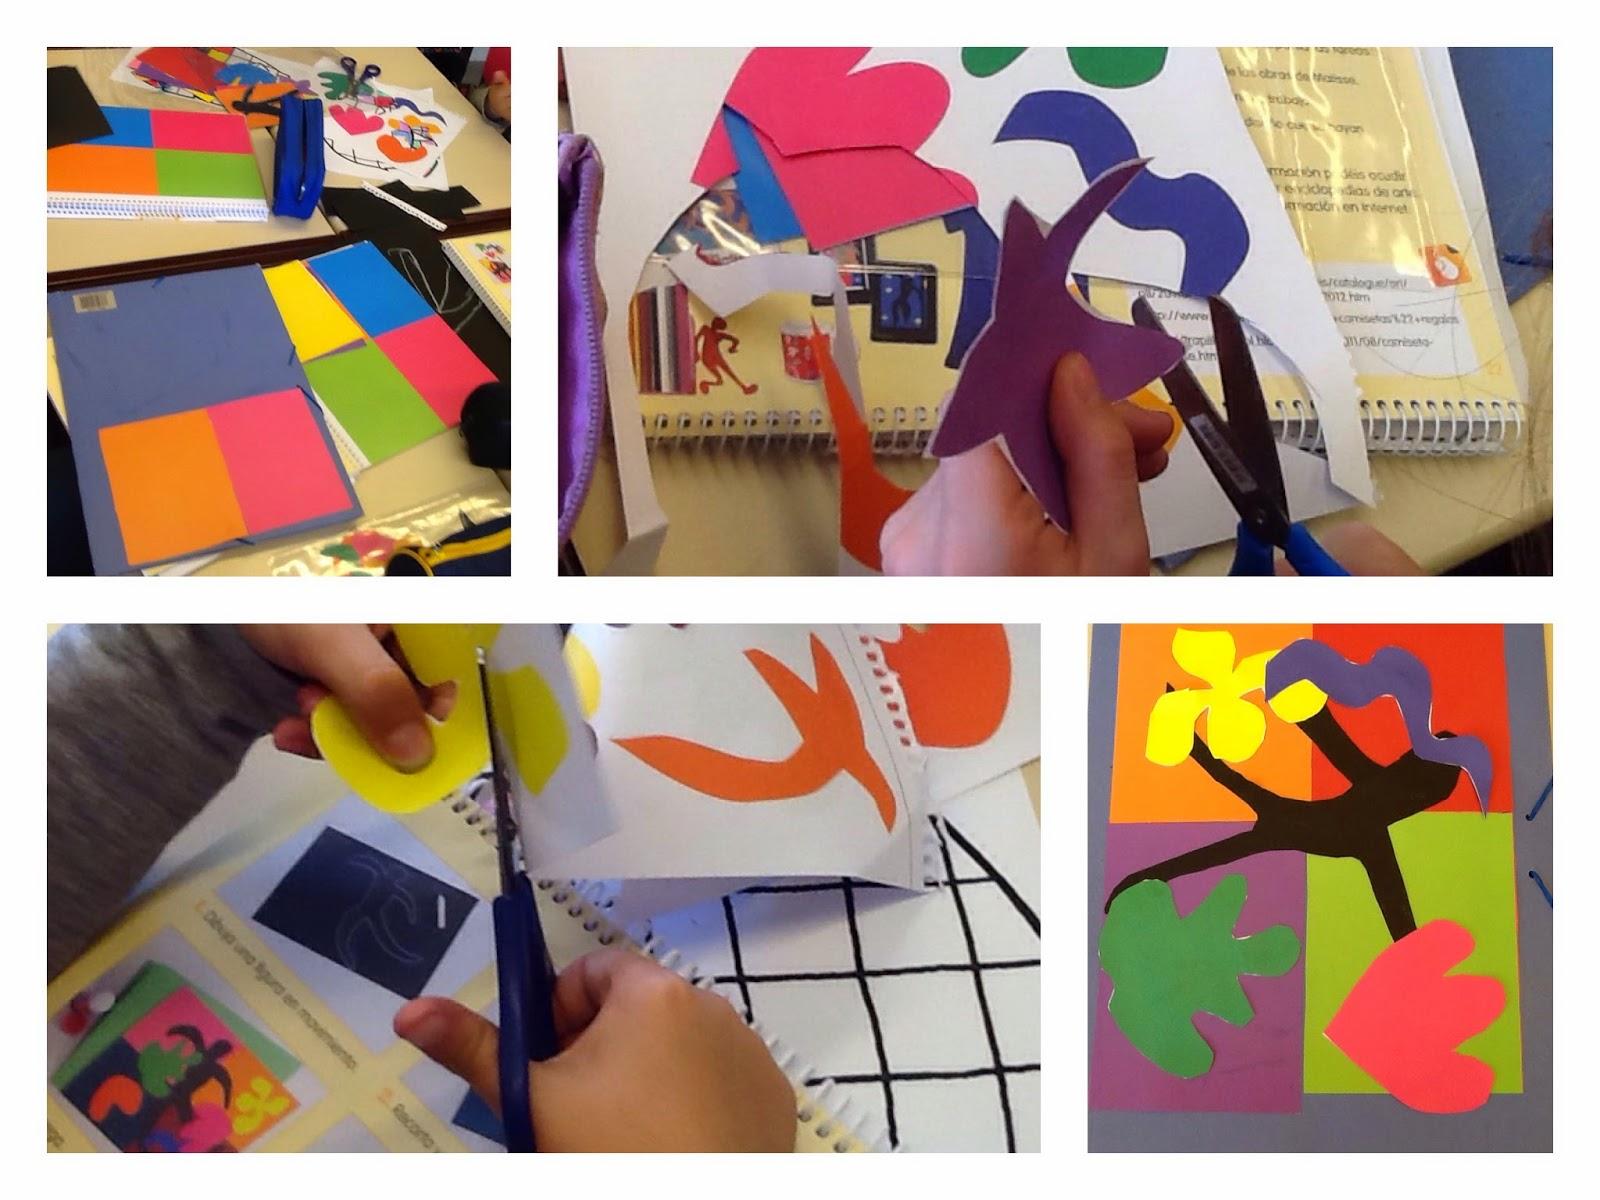 Blog de plástica : Trabajo final de Henri Matisse: dibujar con tijeras